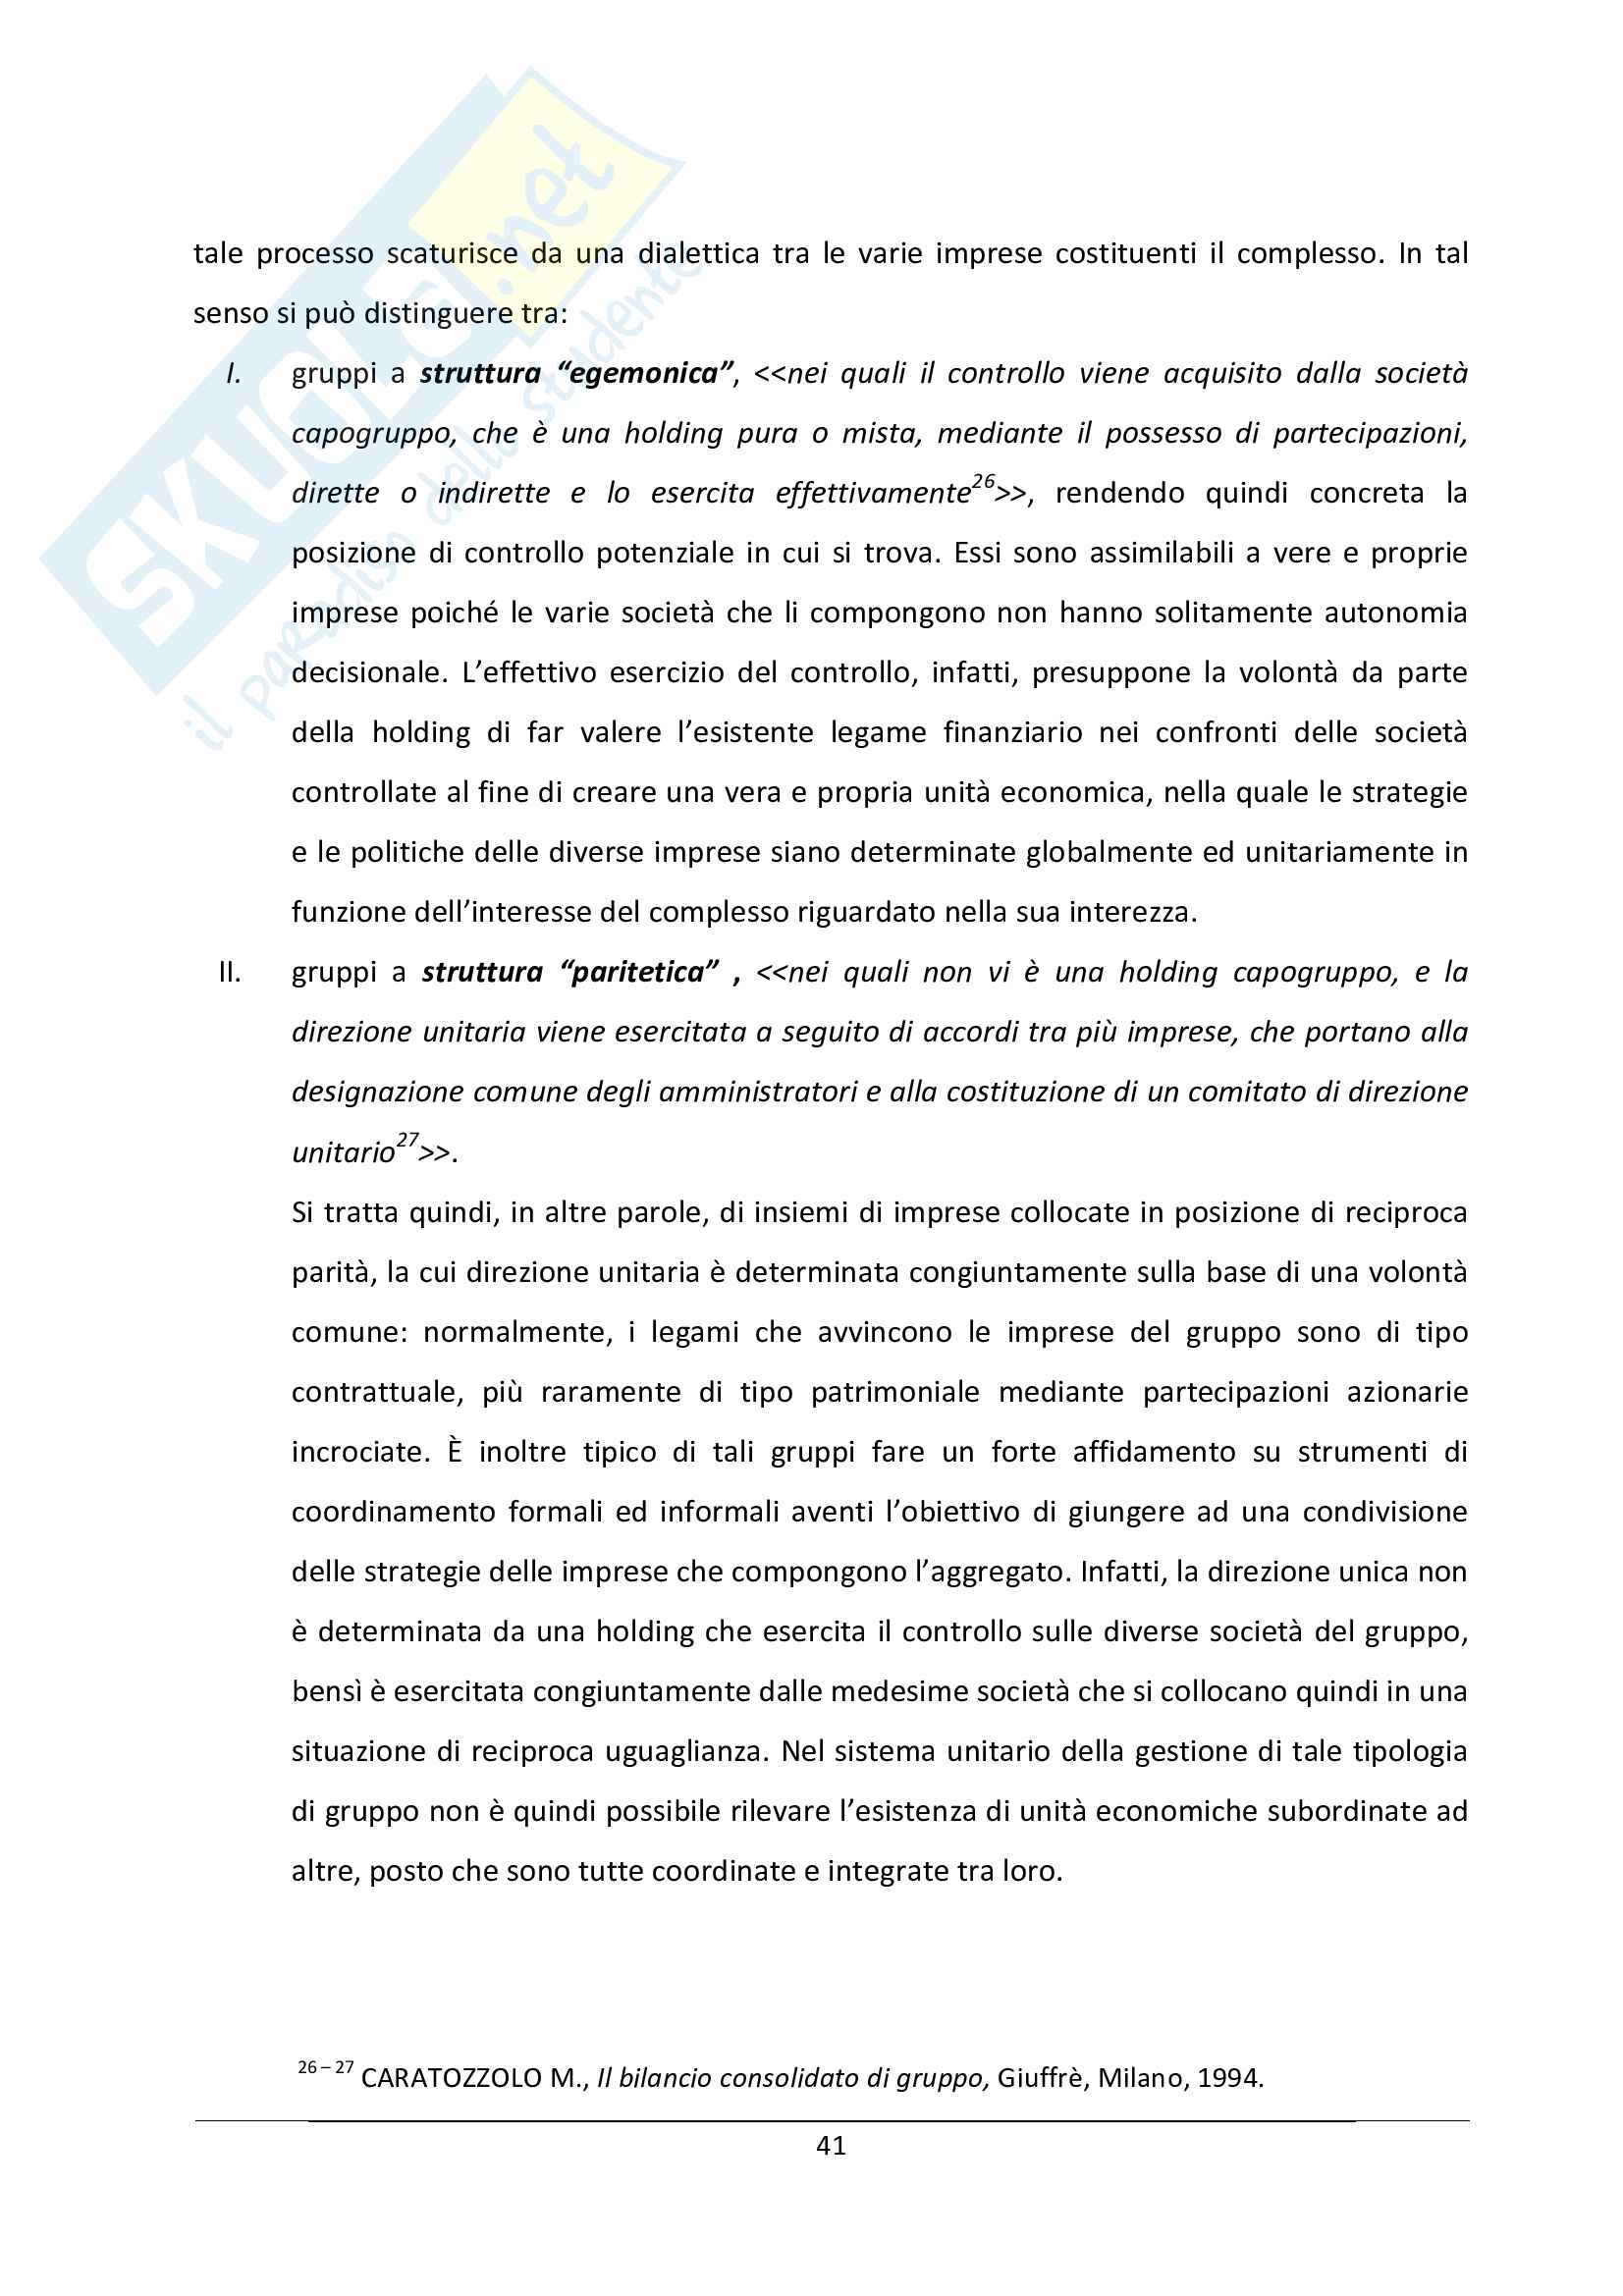 Tesi - Le problematiche connesse con l'internazionalizzazione: il caso Luxottica Pag. 41